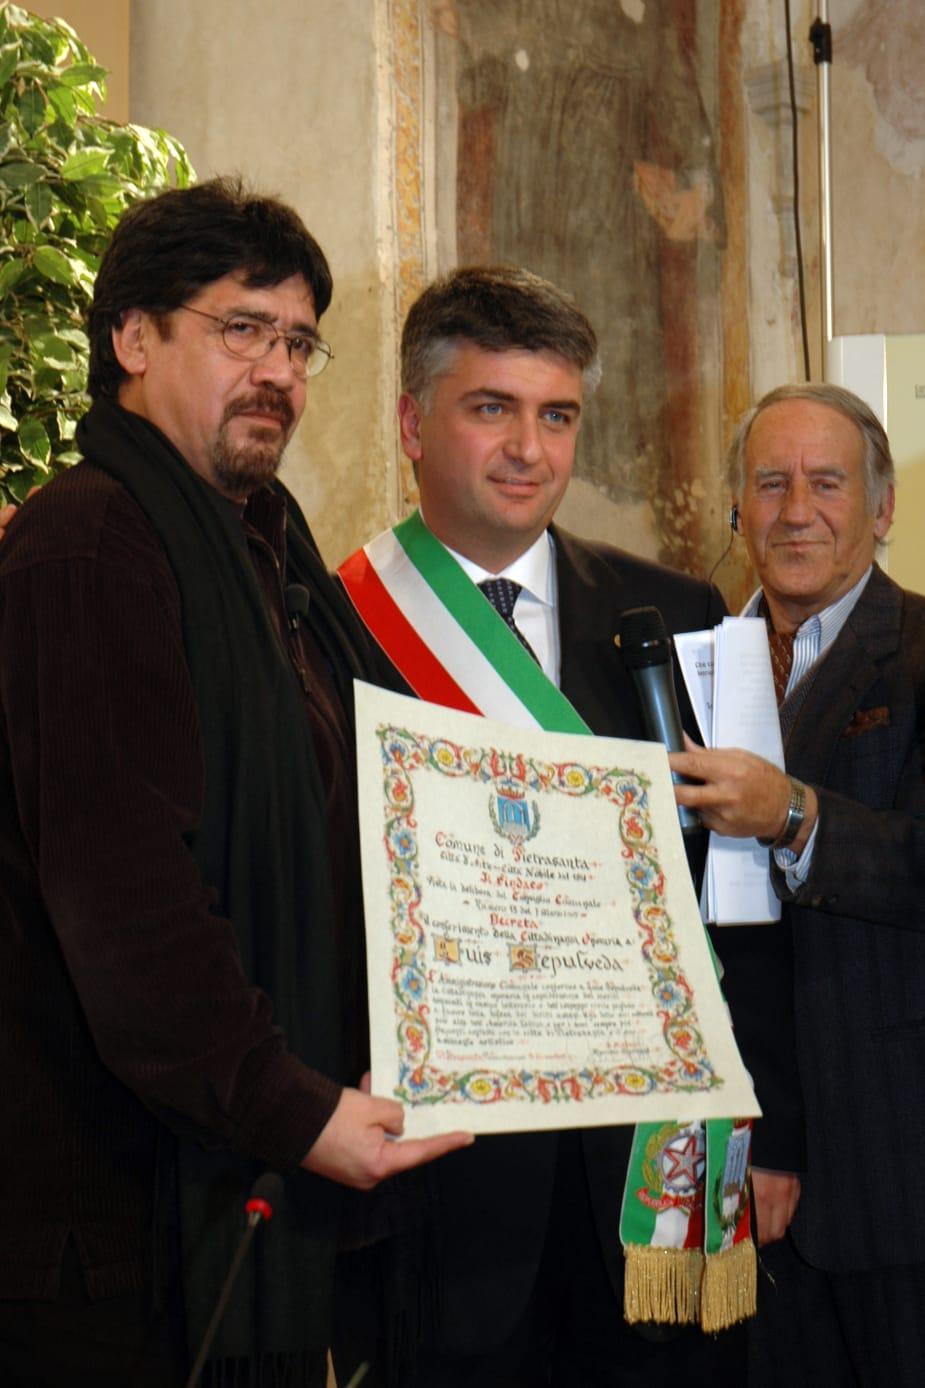 La morte di Luis Sepulveda: il sindaco Giovannetti, ha lasciato tracce indelebili nella memoria culturale e nei ricordi comunità di Pietrasanta